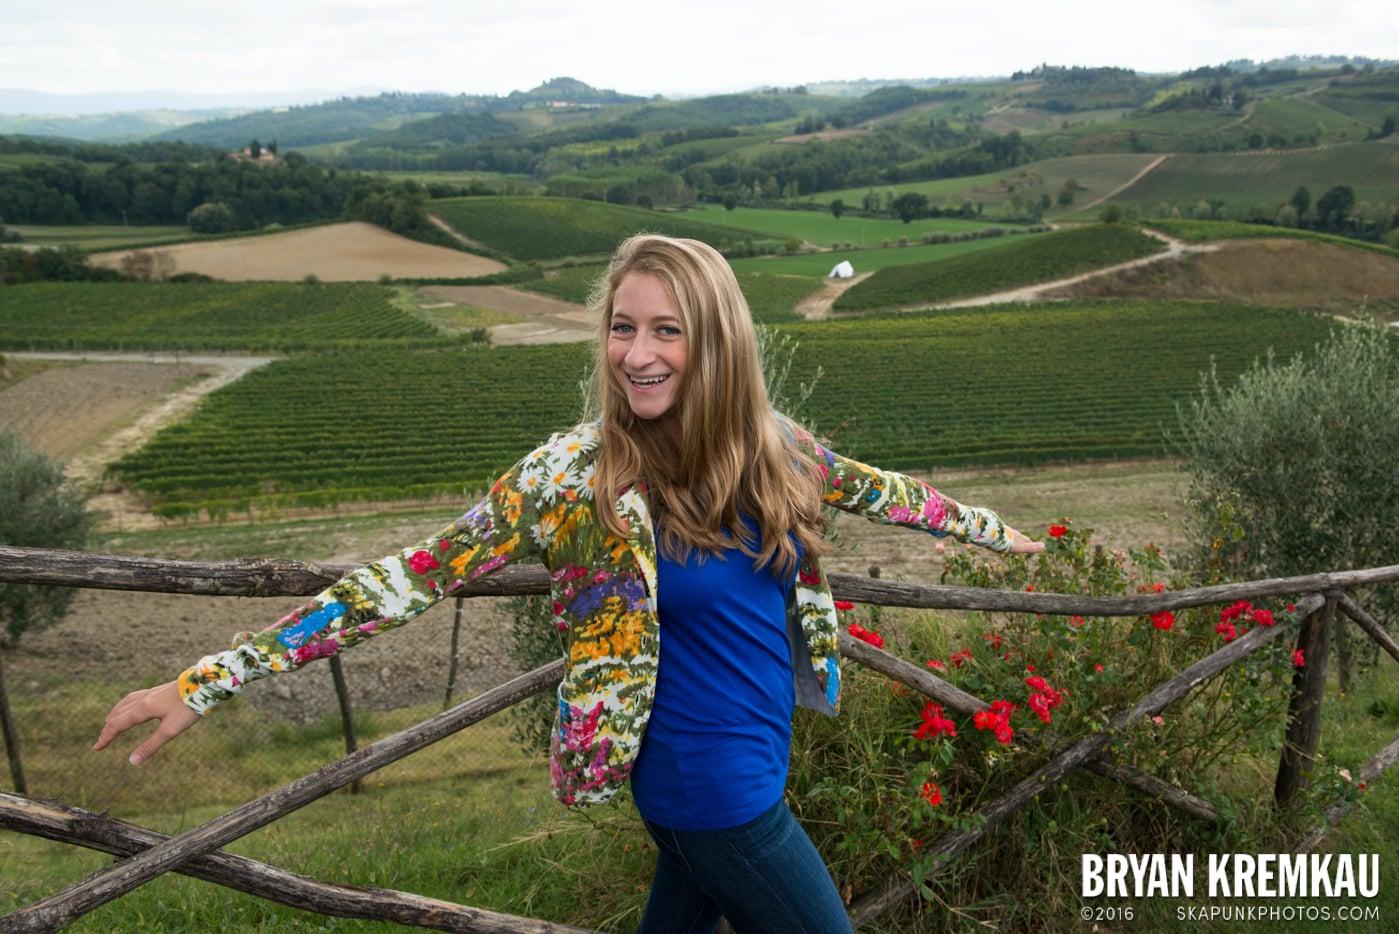 Italy Vacation - Day 8: Siena, San Gimignano, Chianti, Pisa - 9.16.13 (89)